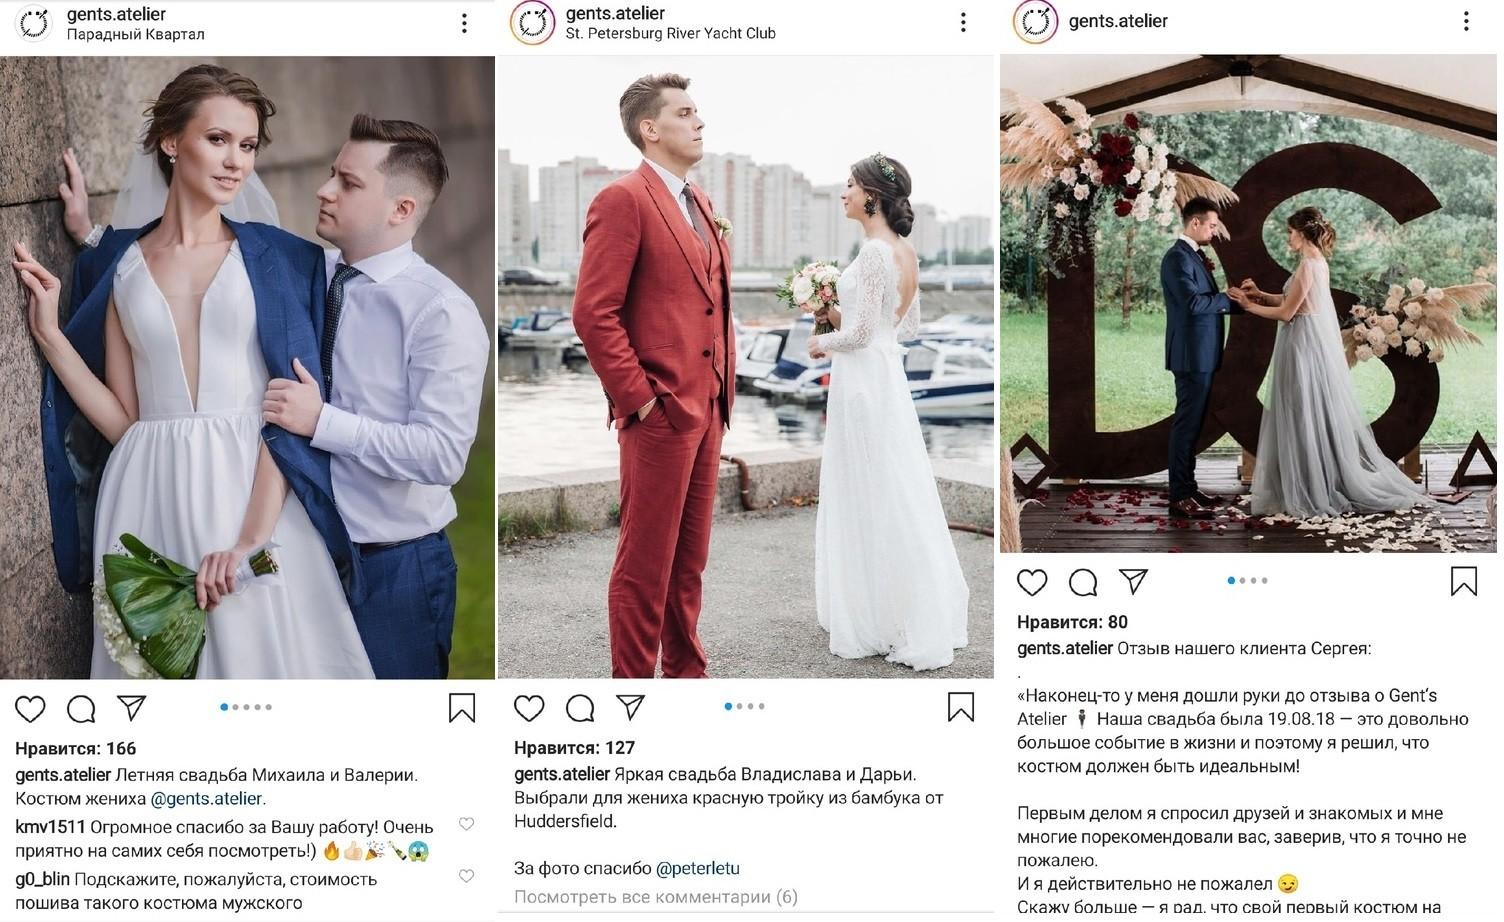 посты жених в свадебном костюме Instagram Gents Atelier